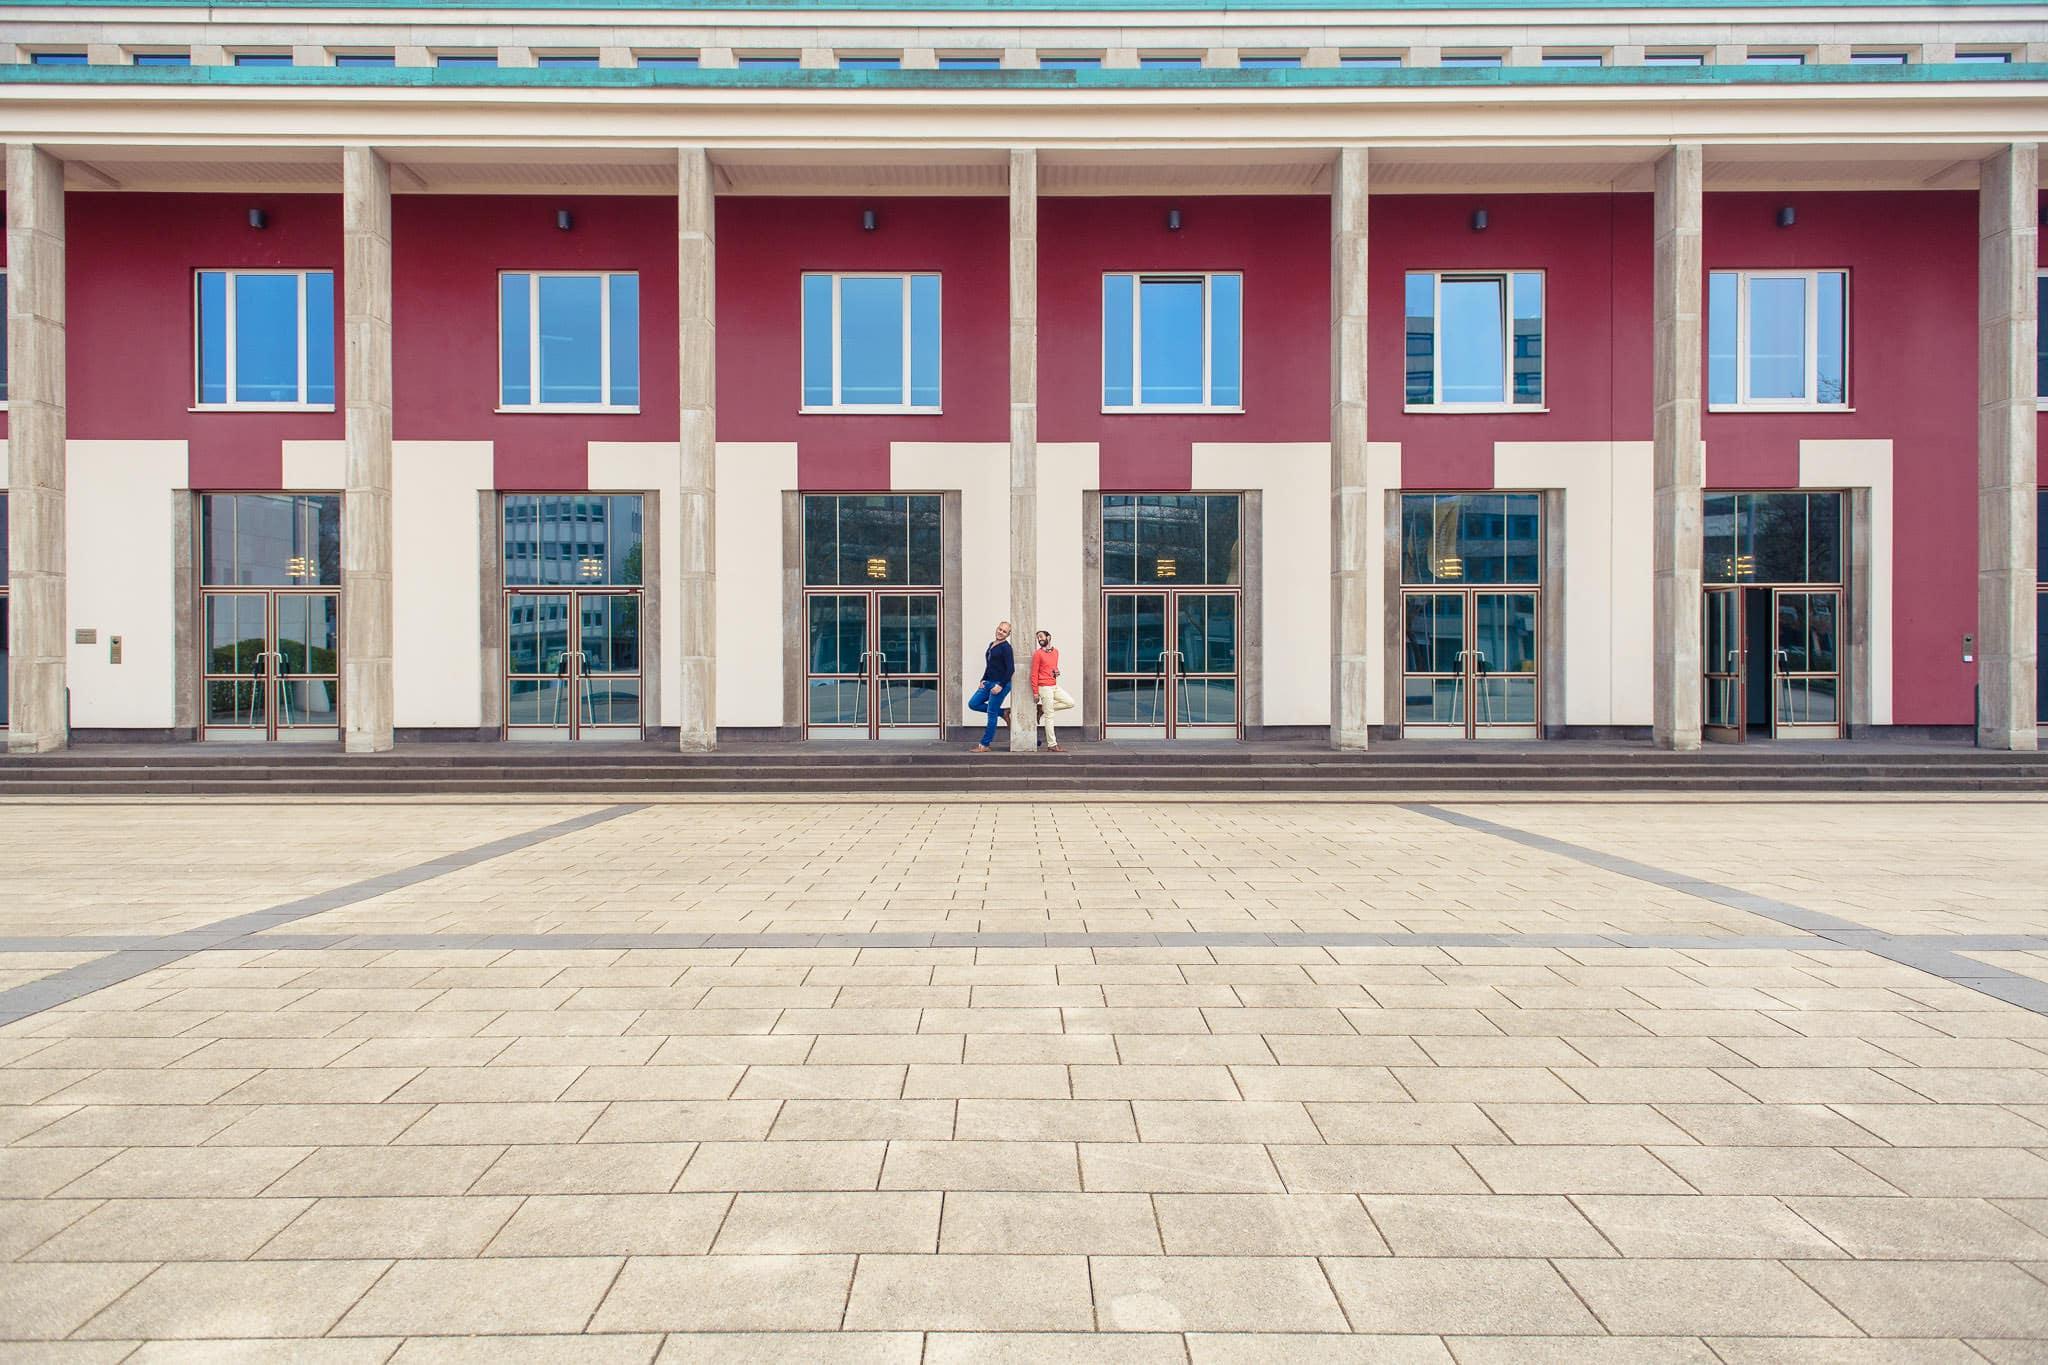 Paarfotos-Essen-Rüttenscheid-Zollverein-Aalto